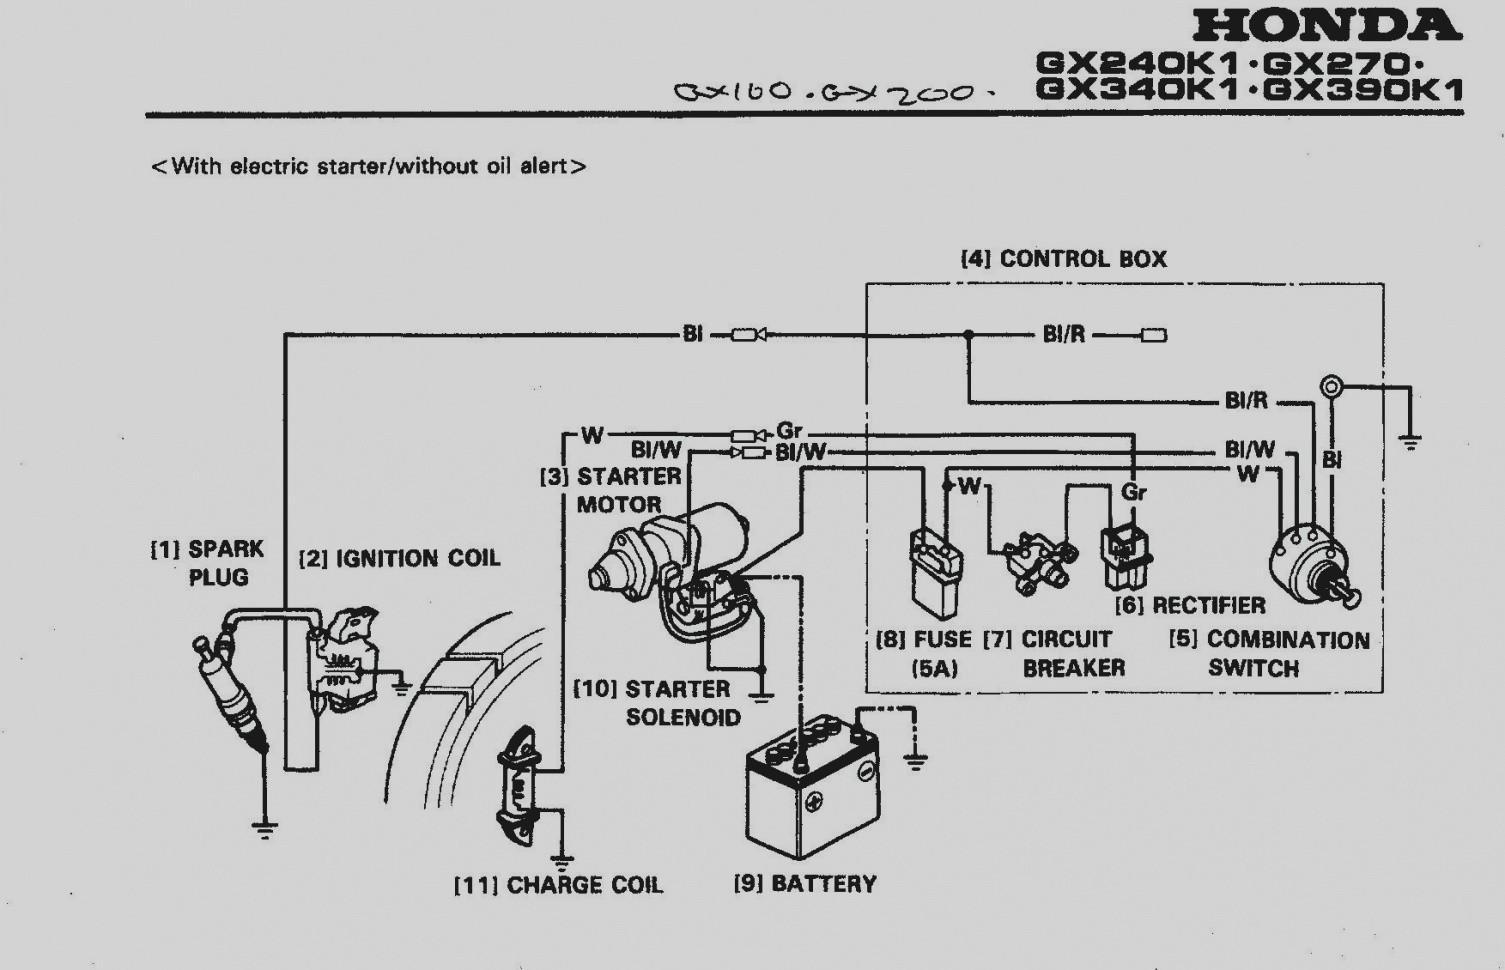 Riding Lawn Mower Starter solenoid Wiring Diagram Elegant